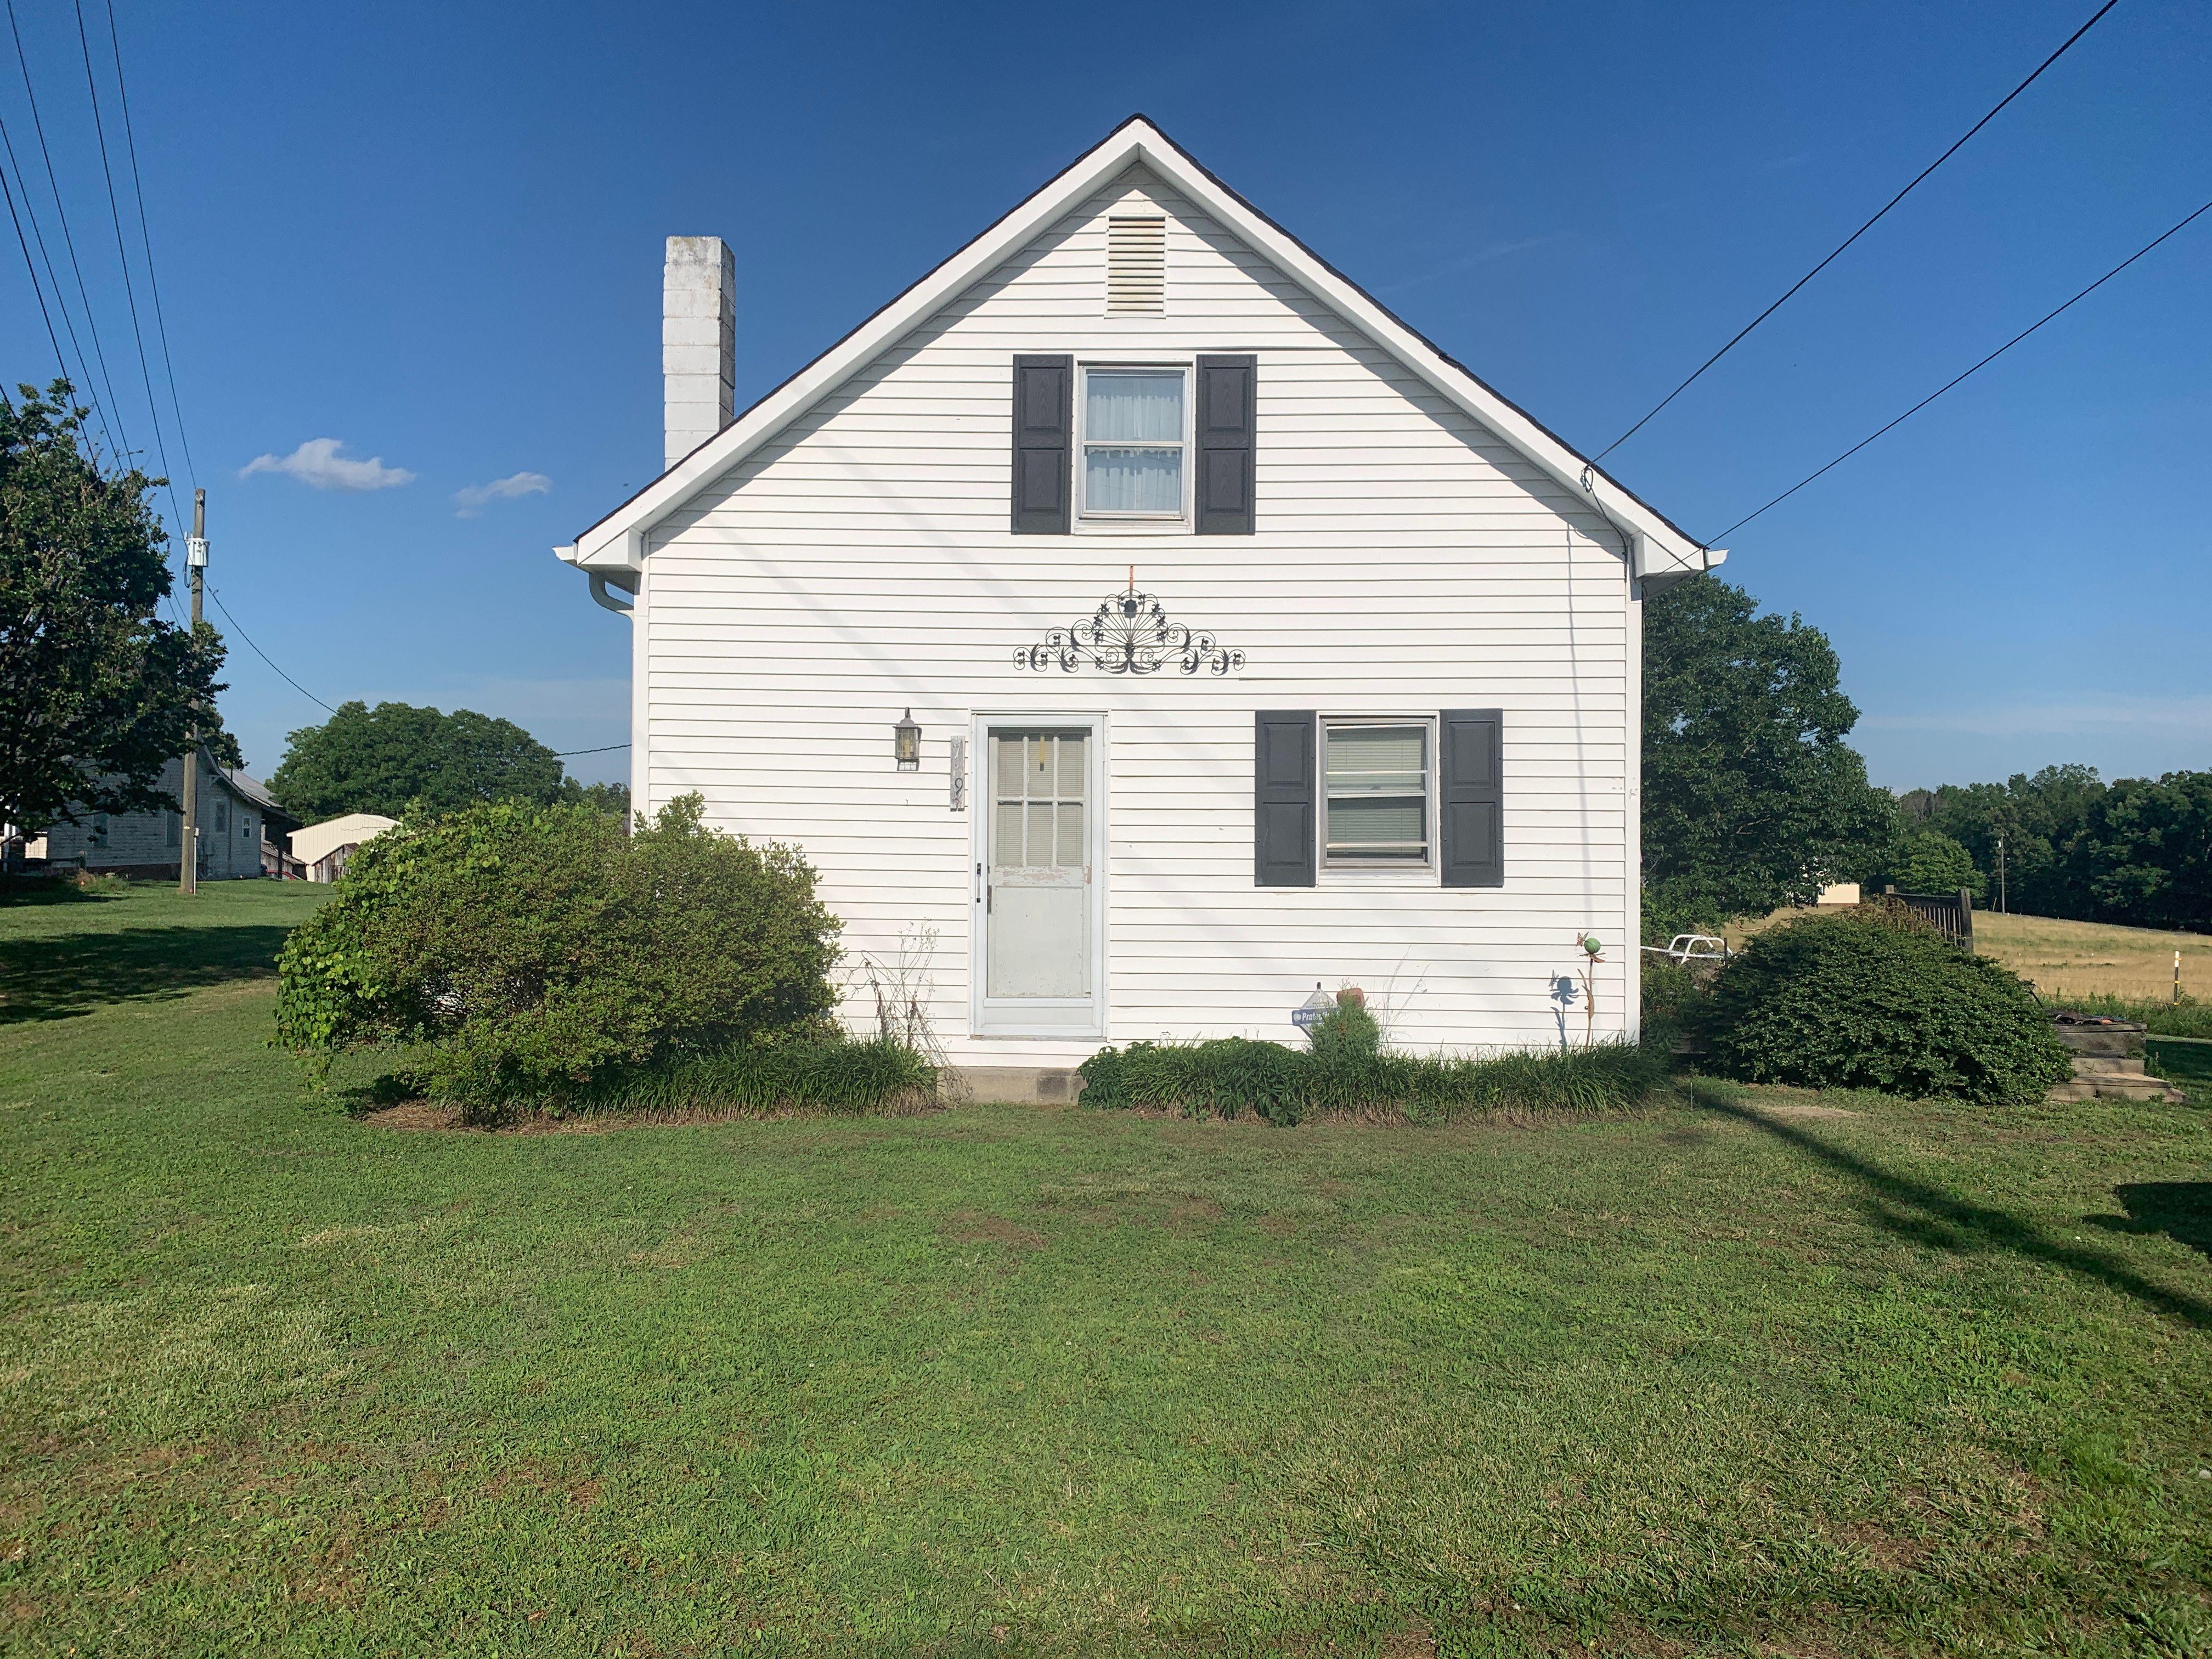 765 Becks Church Rd, Lexington, NC